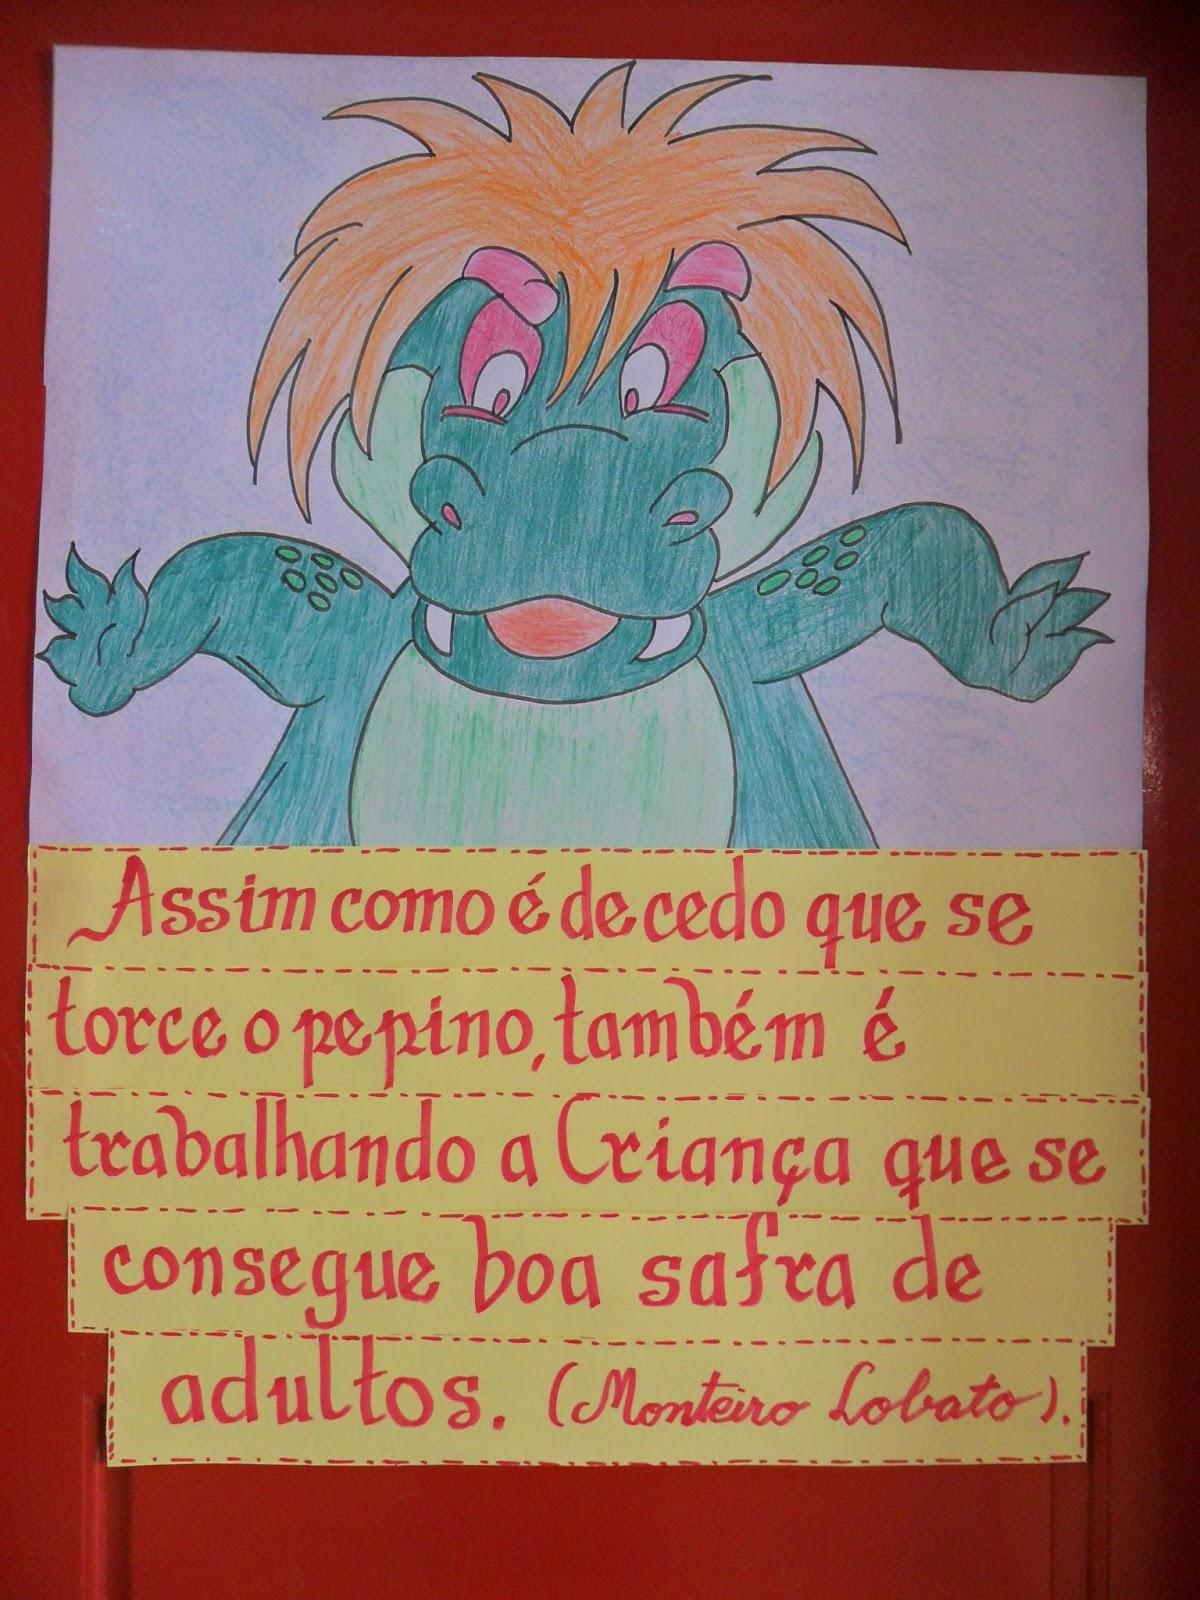 1001 Contos Tânia Míriam Personagens Do Sítio Do Picapau Amarelo